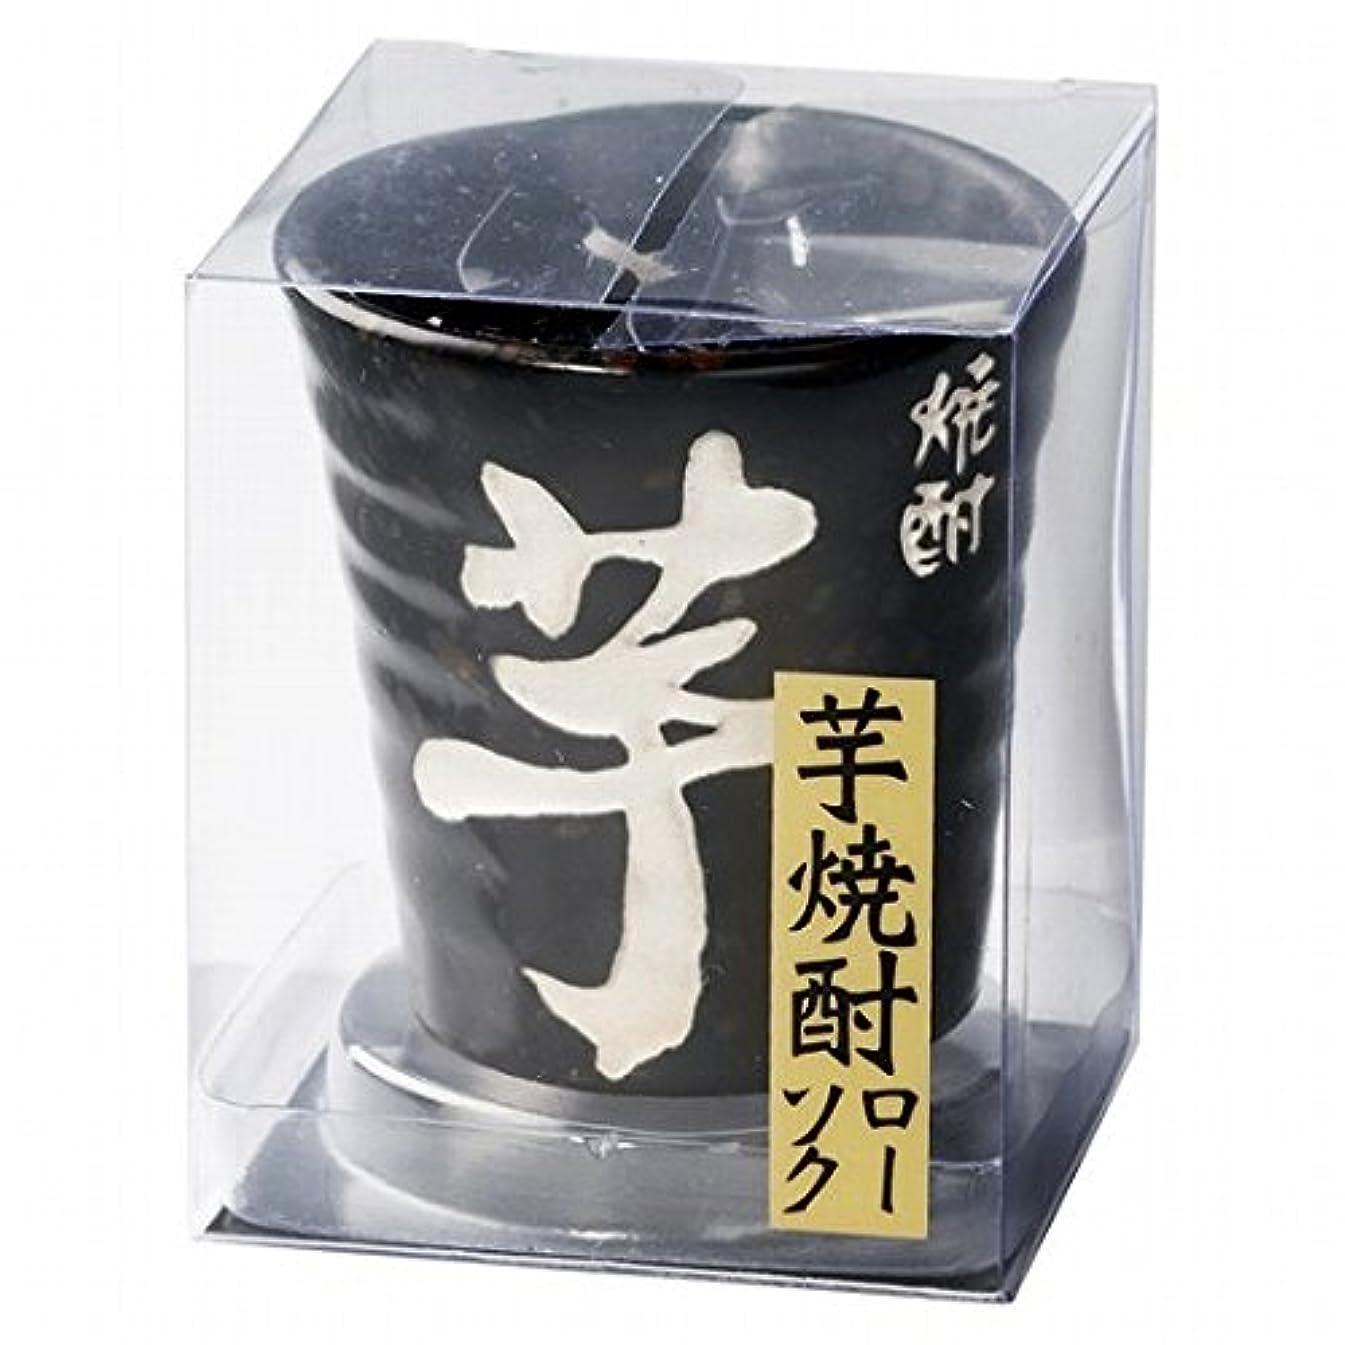 チャップ一般化する競うカメヤマキャンドル(kameyama candle) 芋焼酎ローソク キャンドル